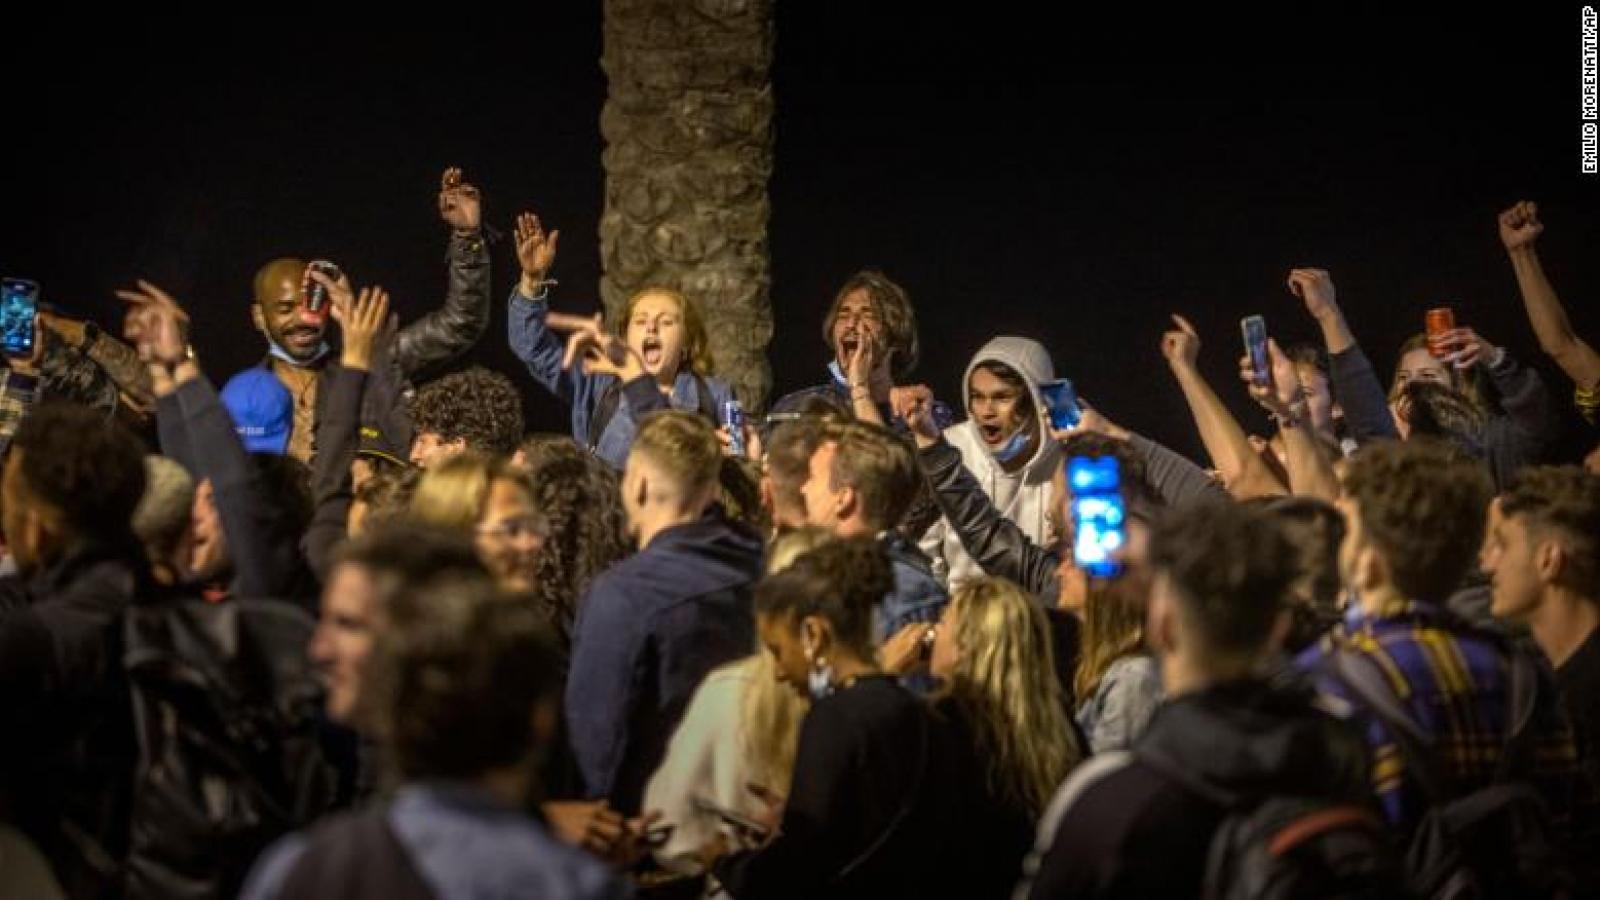 Hàng trăm người không khẩu trang tụ tập mừng kết thúc giới nghiêm ở Tây Ban Nha